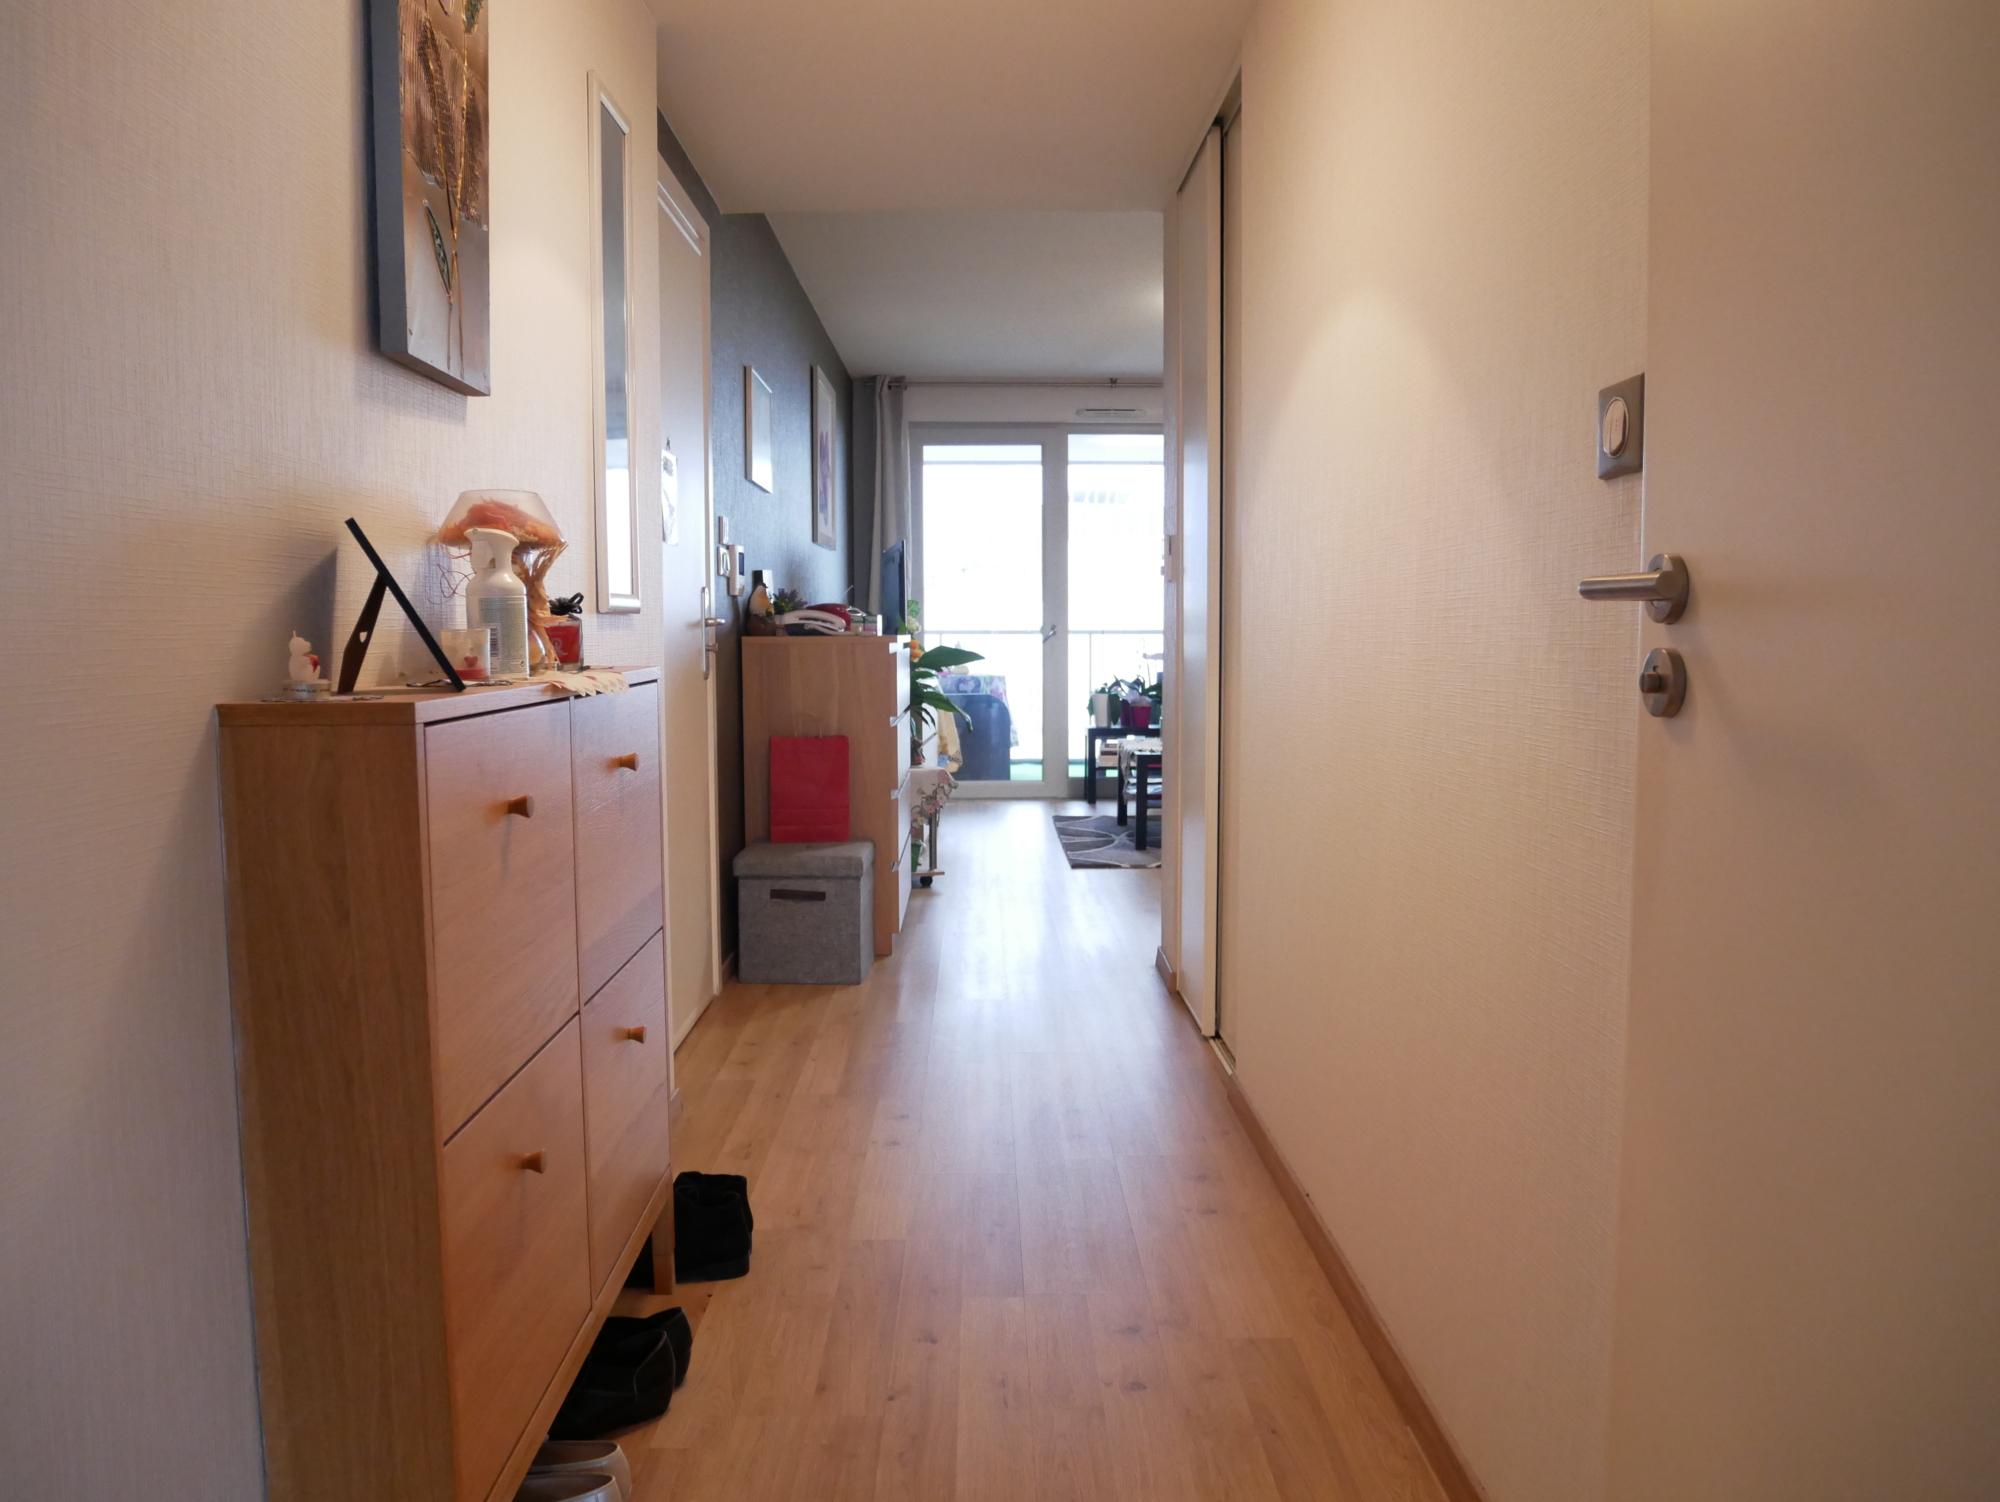 [Europe] Charmant 2 pièces dans résidence seniors - Strasbourg / Jardin des Deux Rives - nos ventes - Beausite Immobilier 3